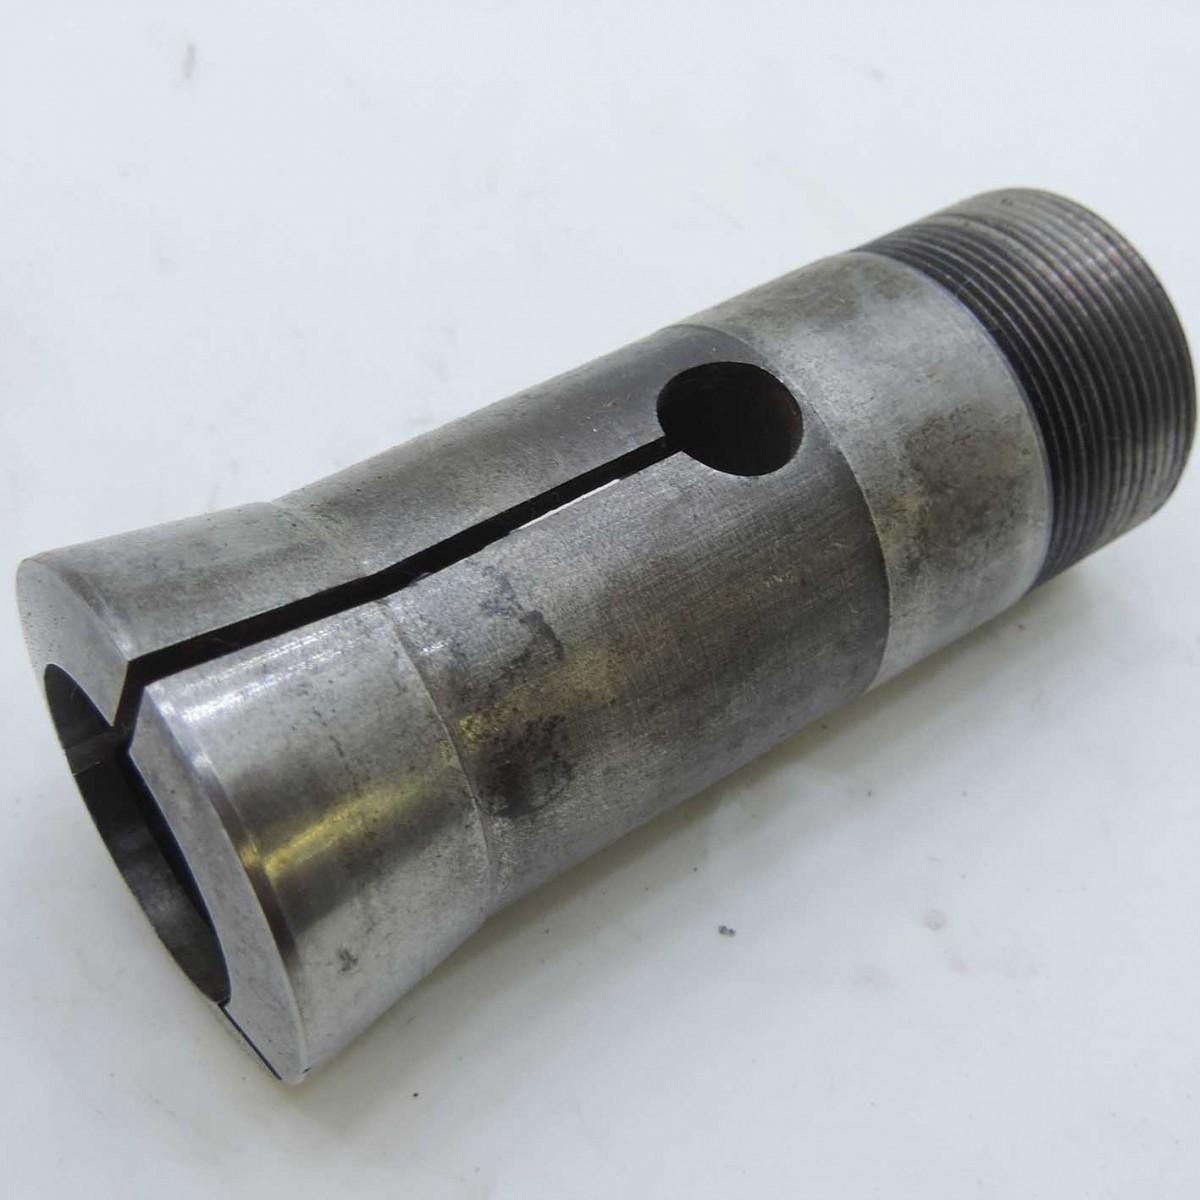 Pinça Avulsa Para Afiadora E Fresadora 23 mm - SC367 - Usada